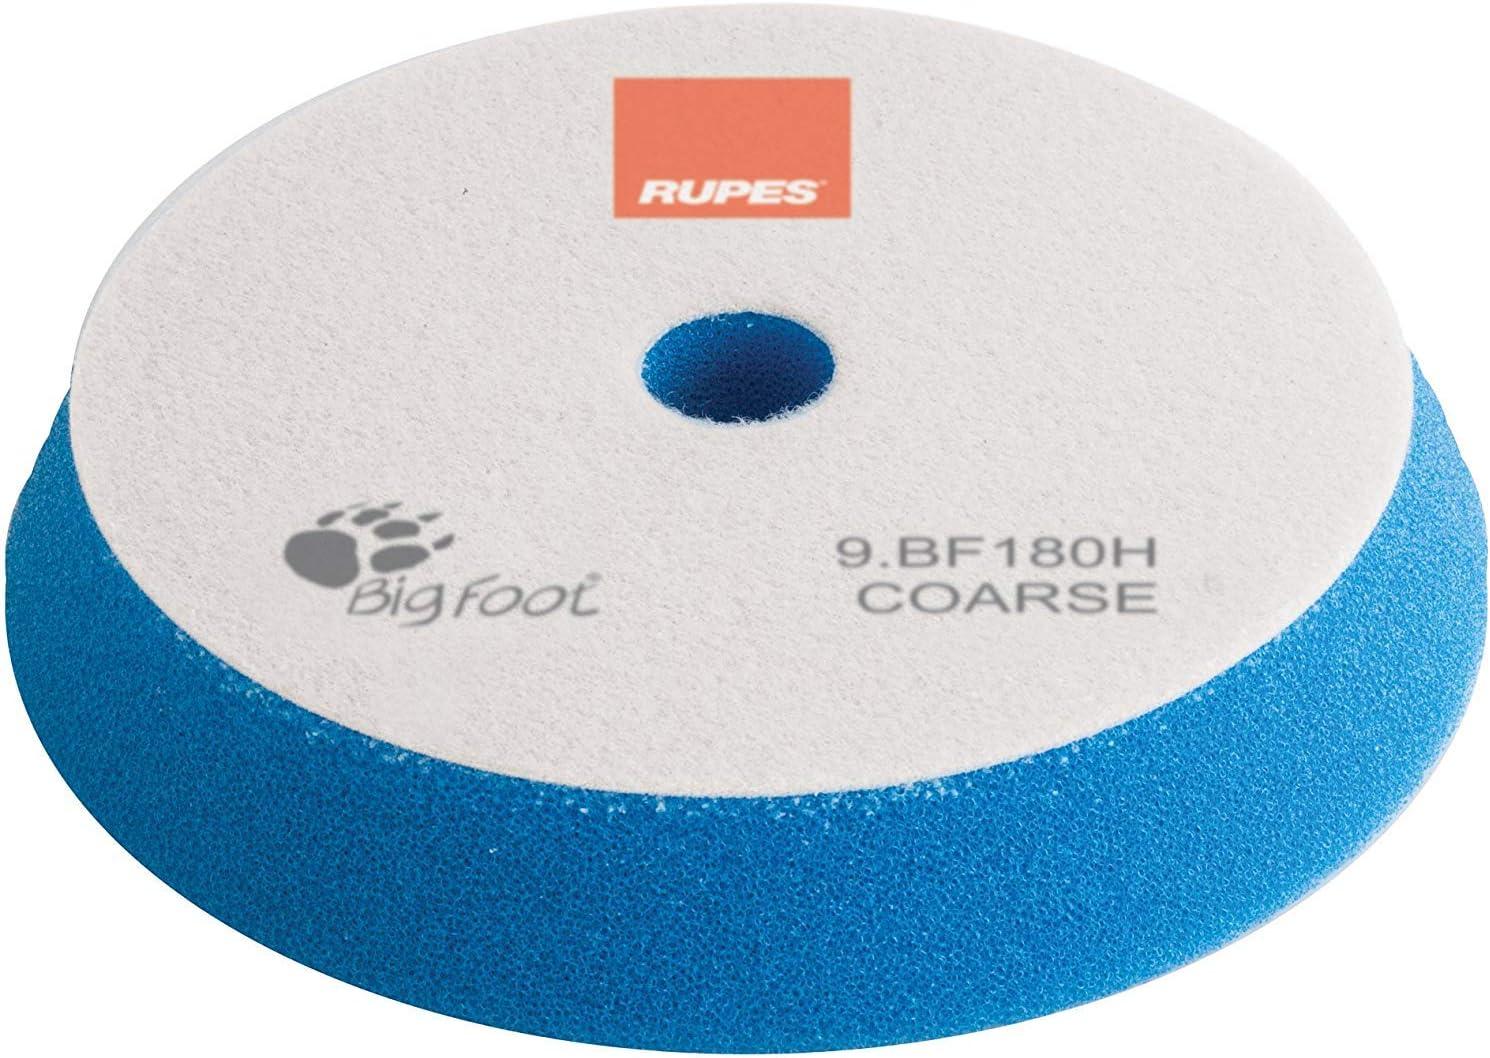 Rupes Bigfoot Polierschwamm Klett 150 180 Mm 1 Stück Pad Zum Polieren Mit Lhr21 Und Mark 2 Zur Lack Aufbereitung Blau Hart Coarse Auto